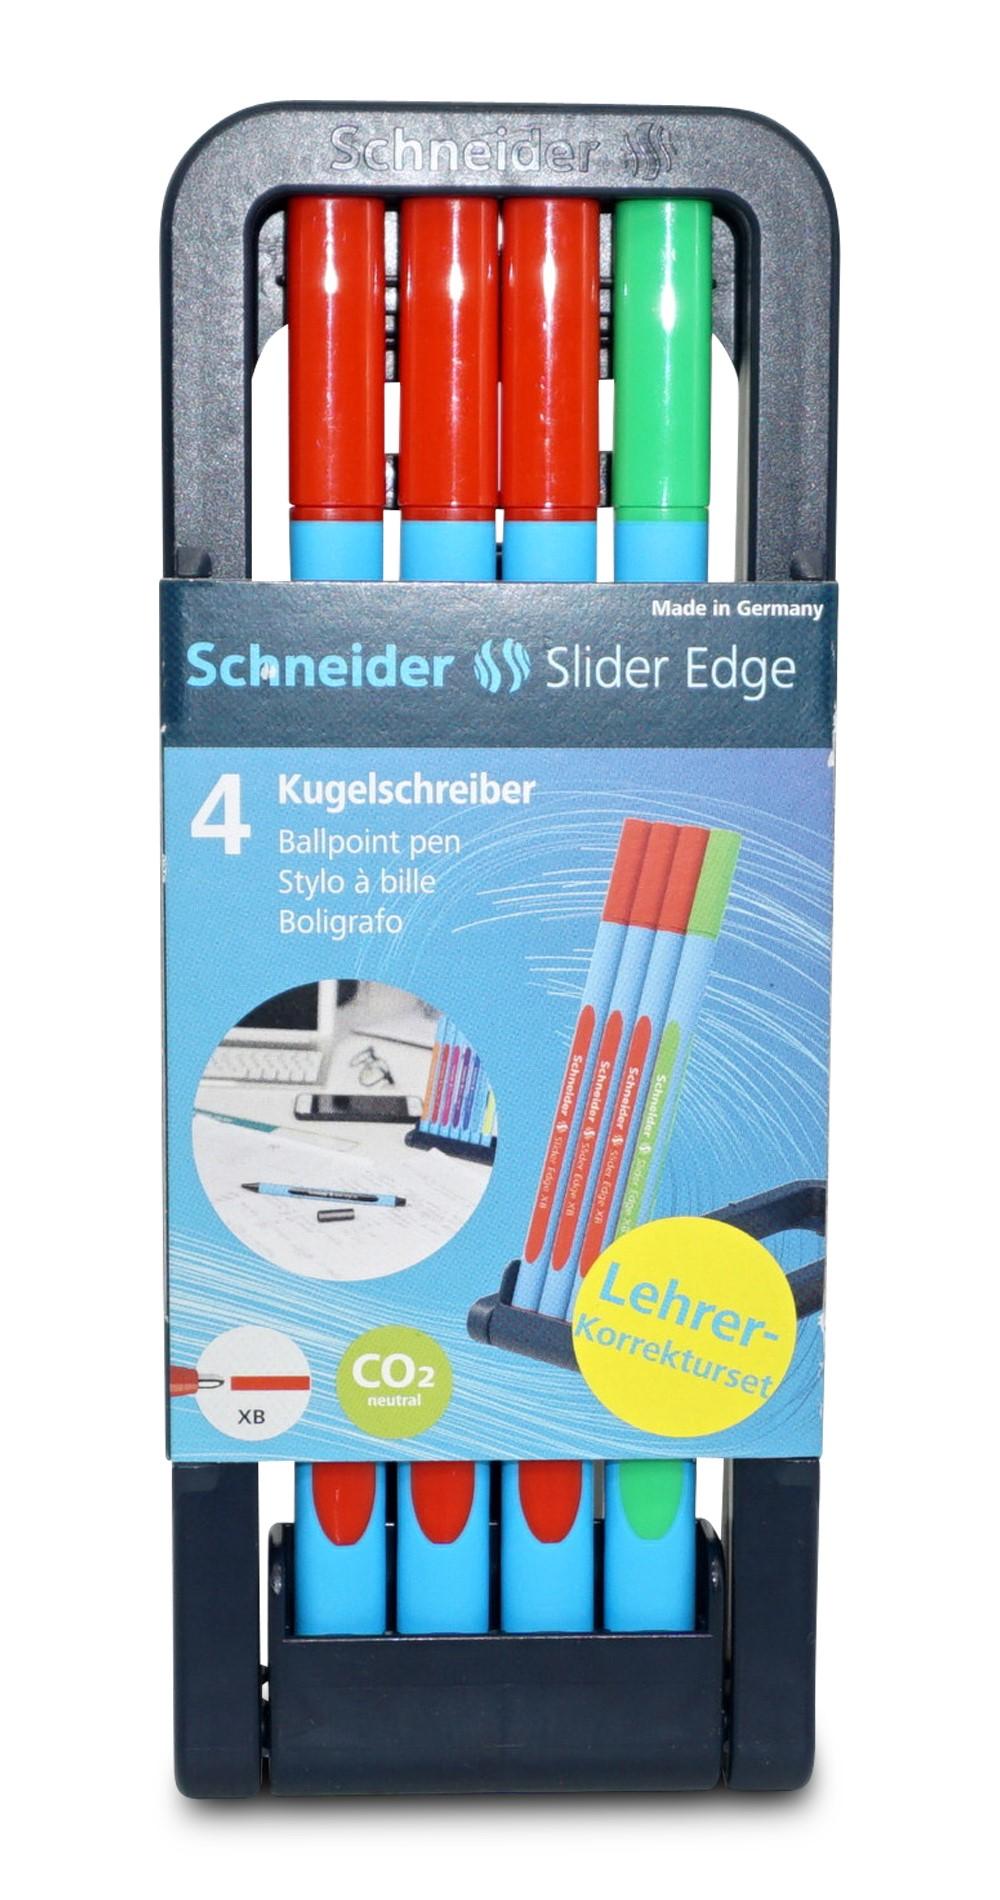 Schneider Slider Edge XB Lehrer-Korrekturset